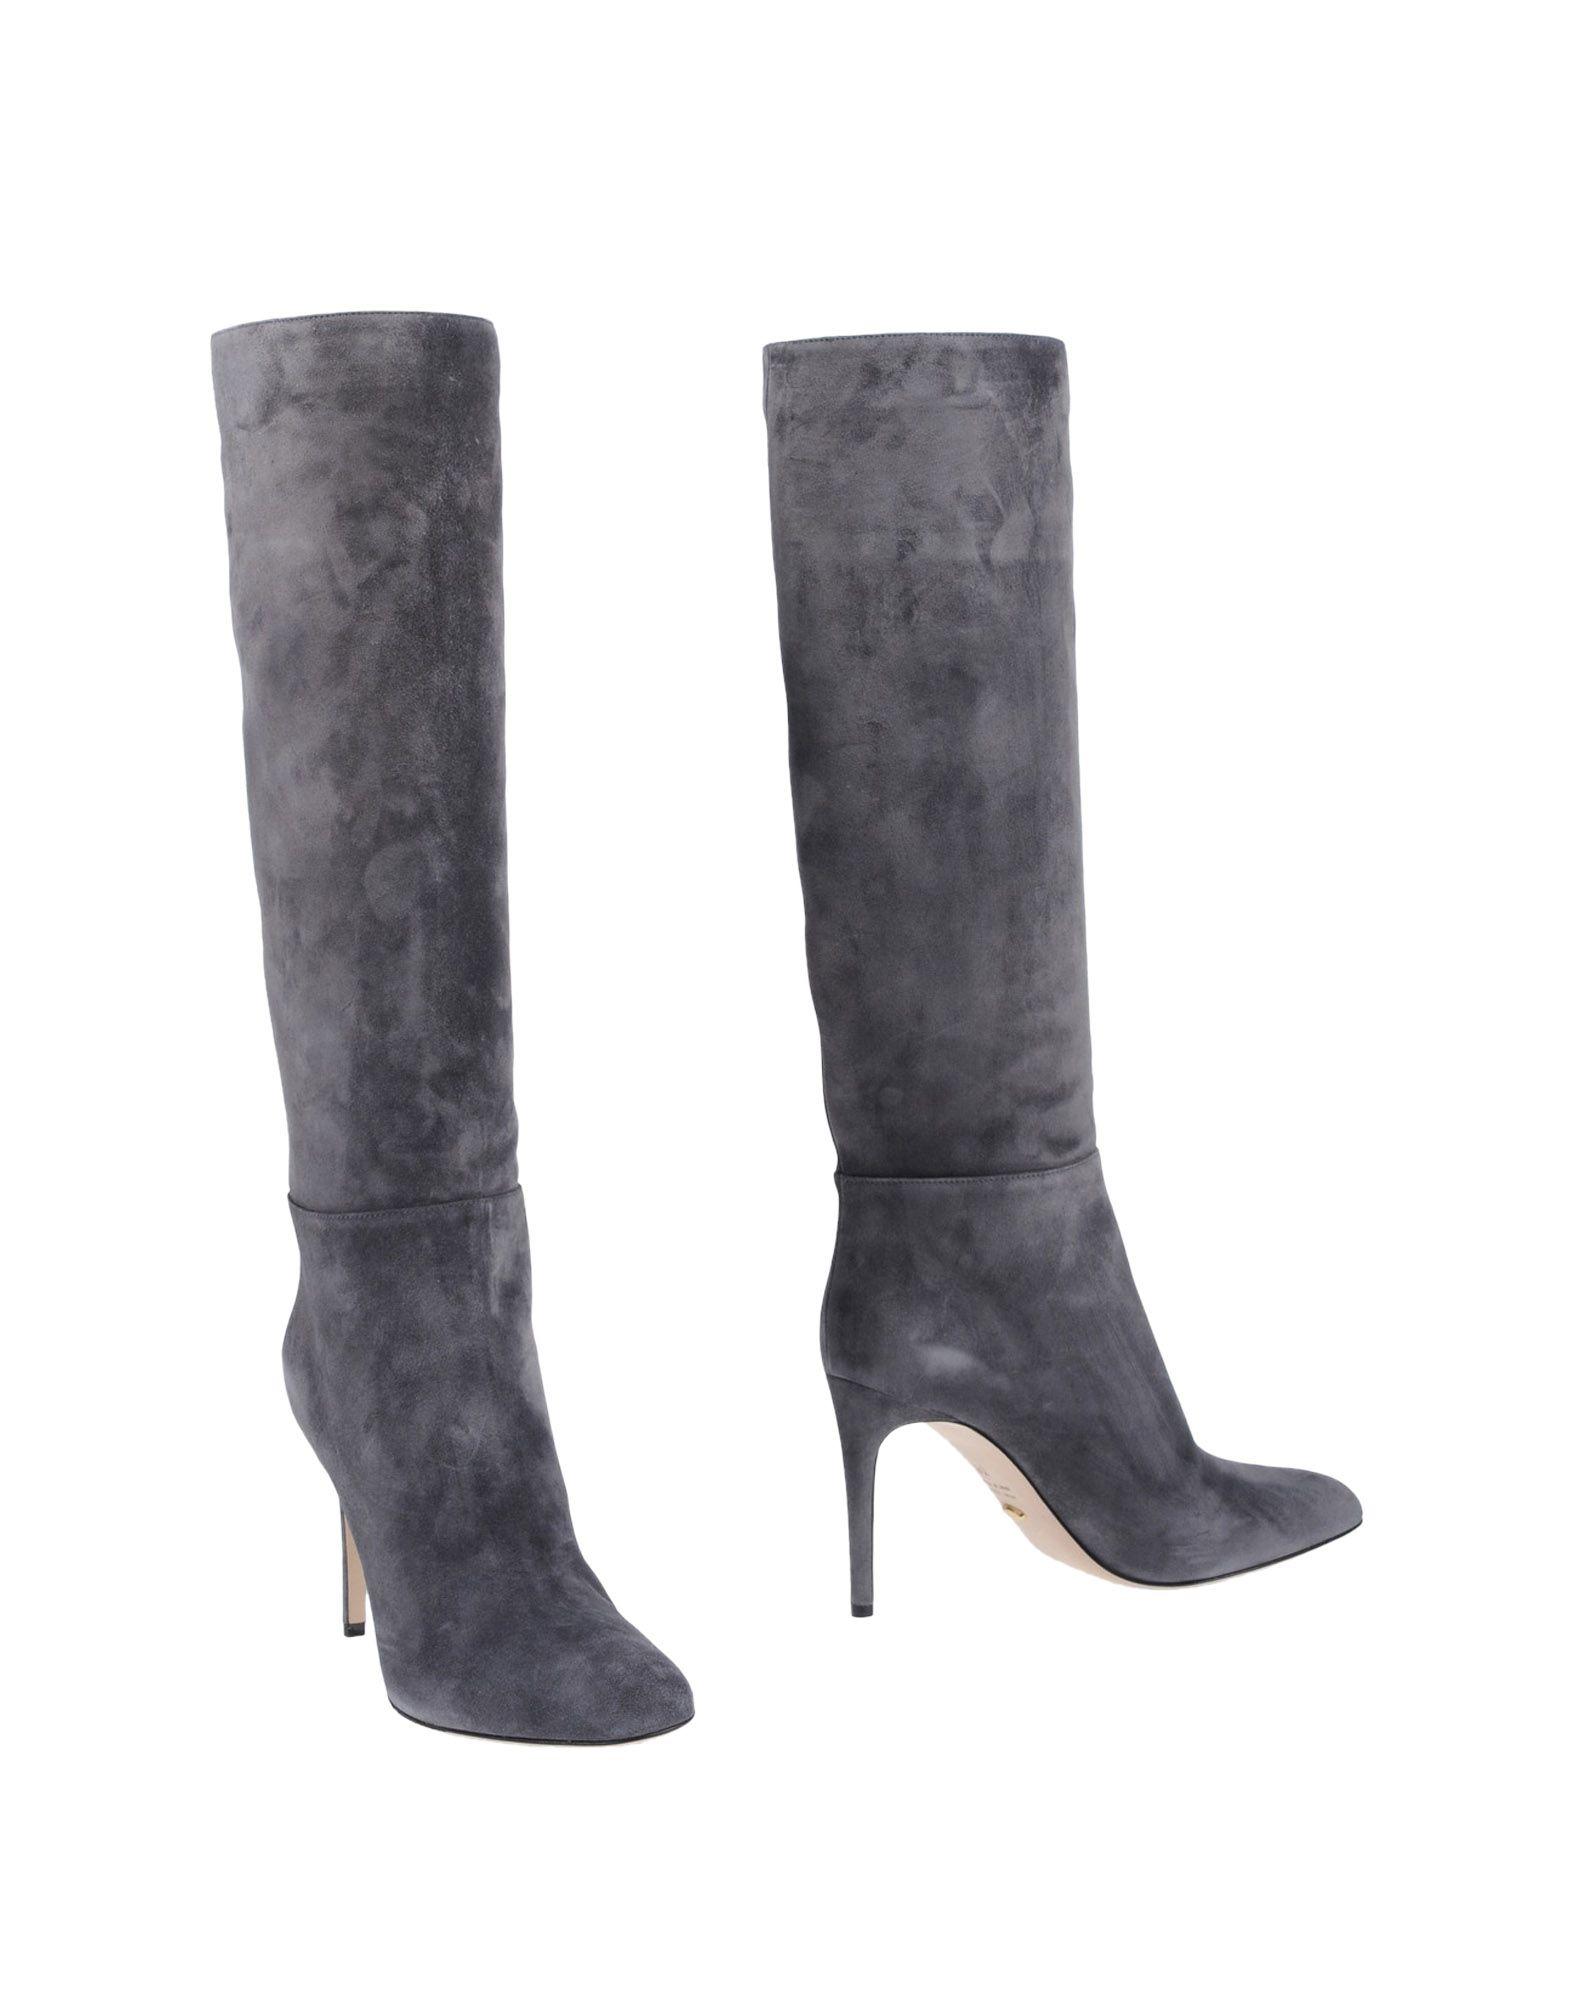 Sergio Rossi Stiefel Damen Damen Damen  11456287TD Beliebte Schuhe a6d3ec